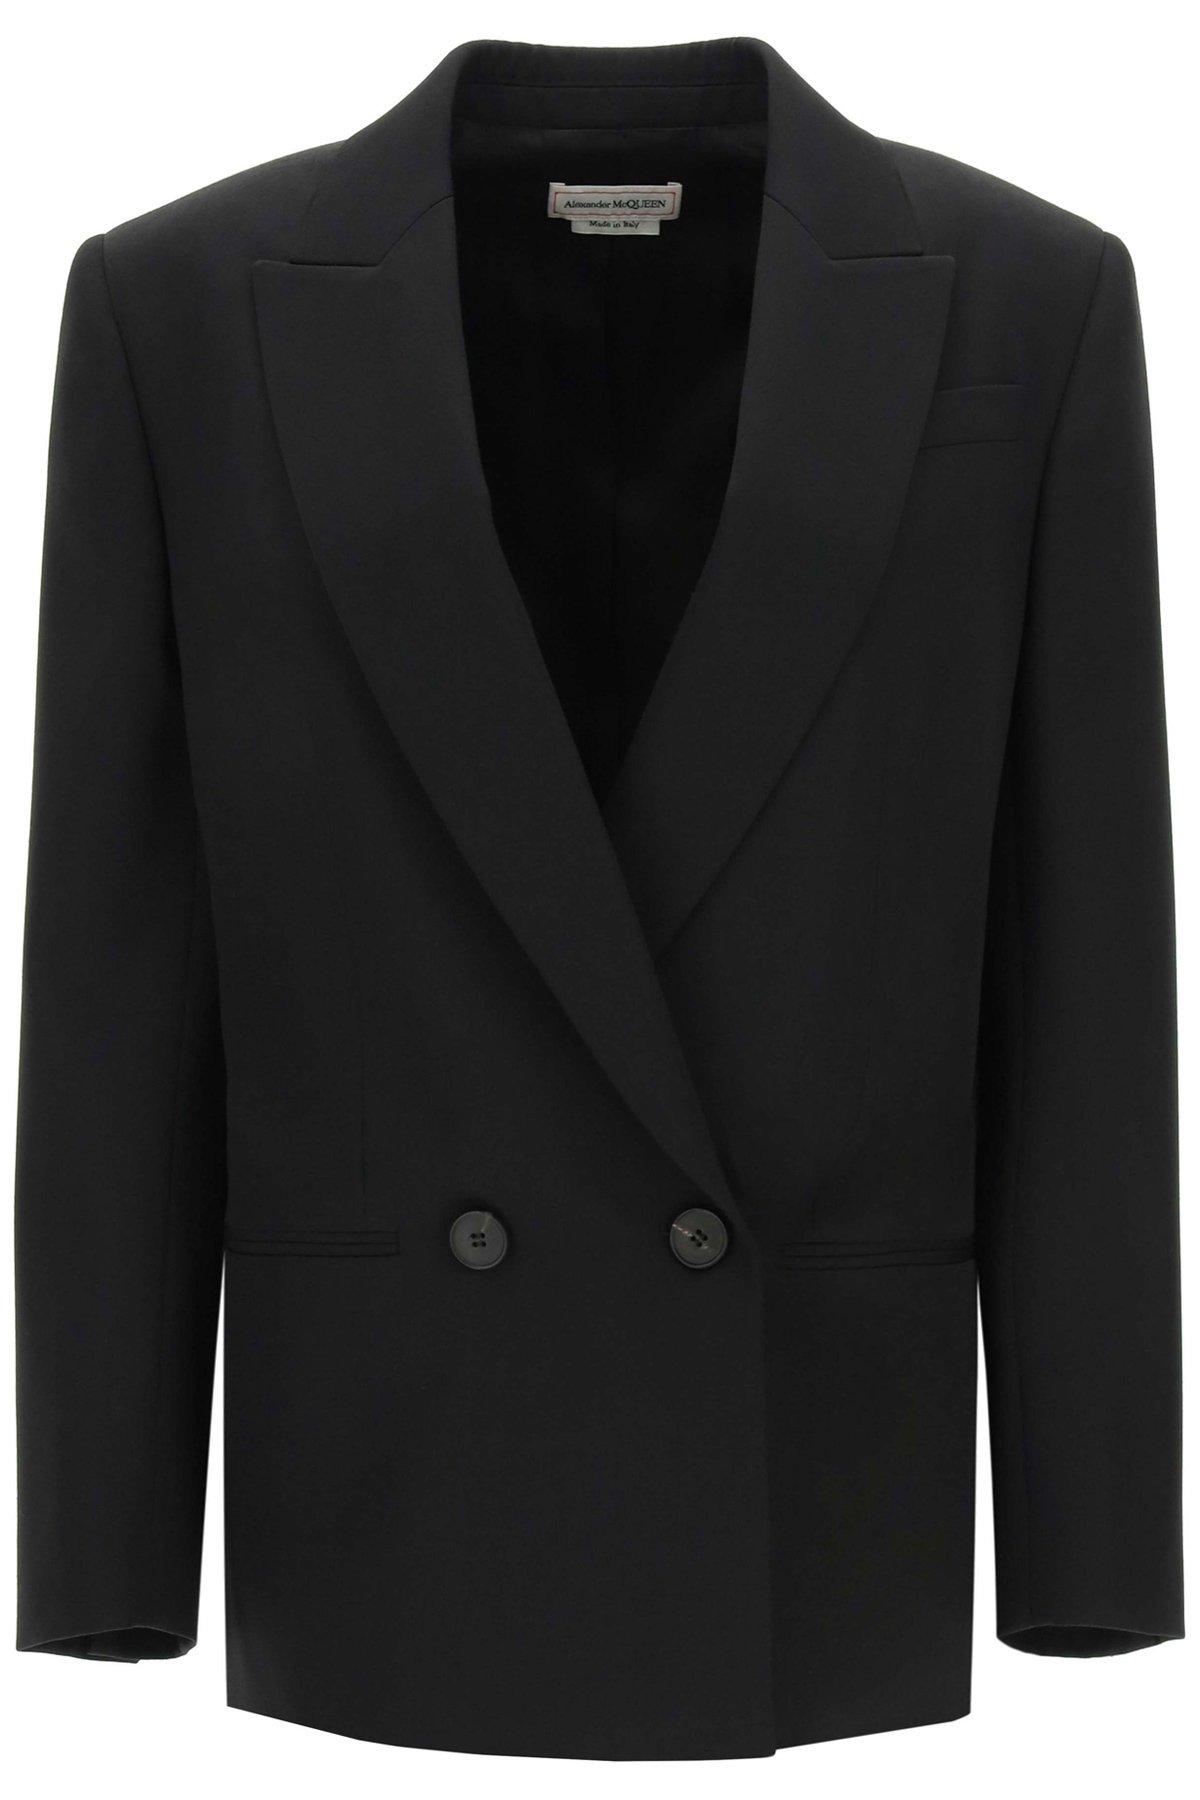 Alexander mcqueen giacca doppio petto in lana